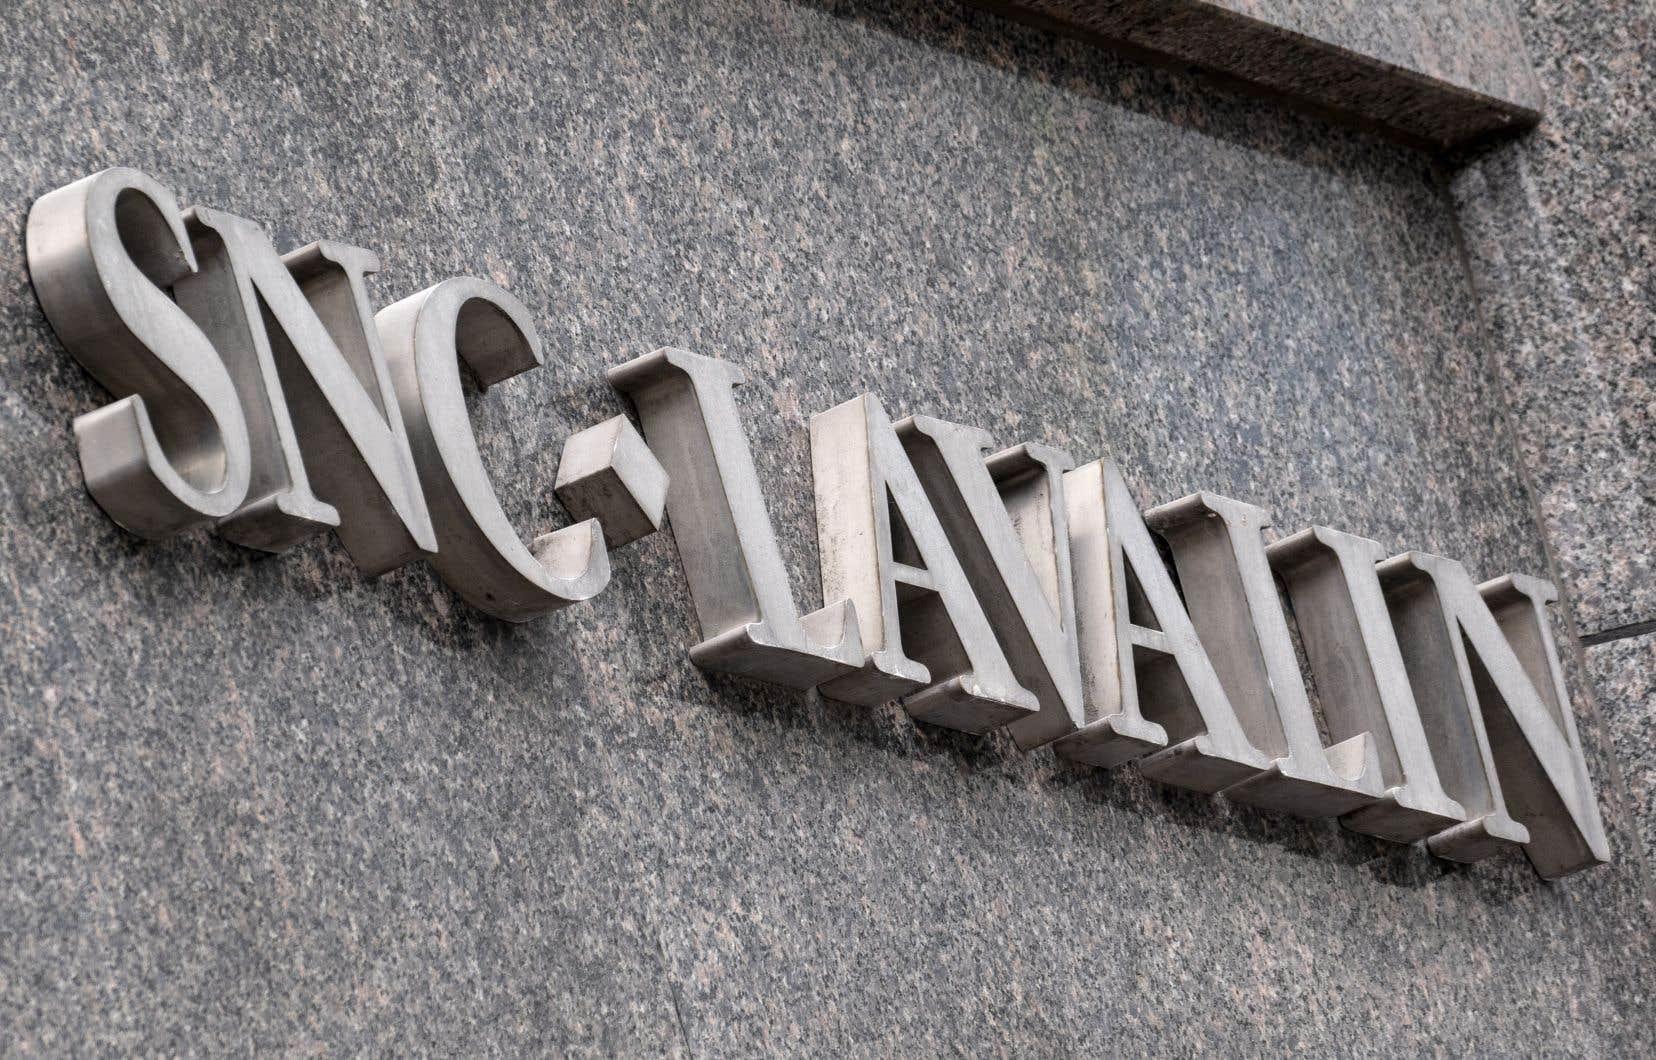 La firme d'ingénierie SNC-Lavalin fait face à des accusations criminelles au Canada pour des transactions réalisées en Libye.